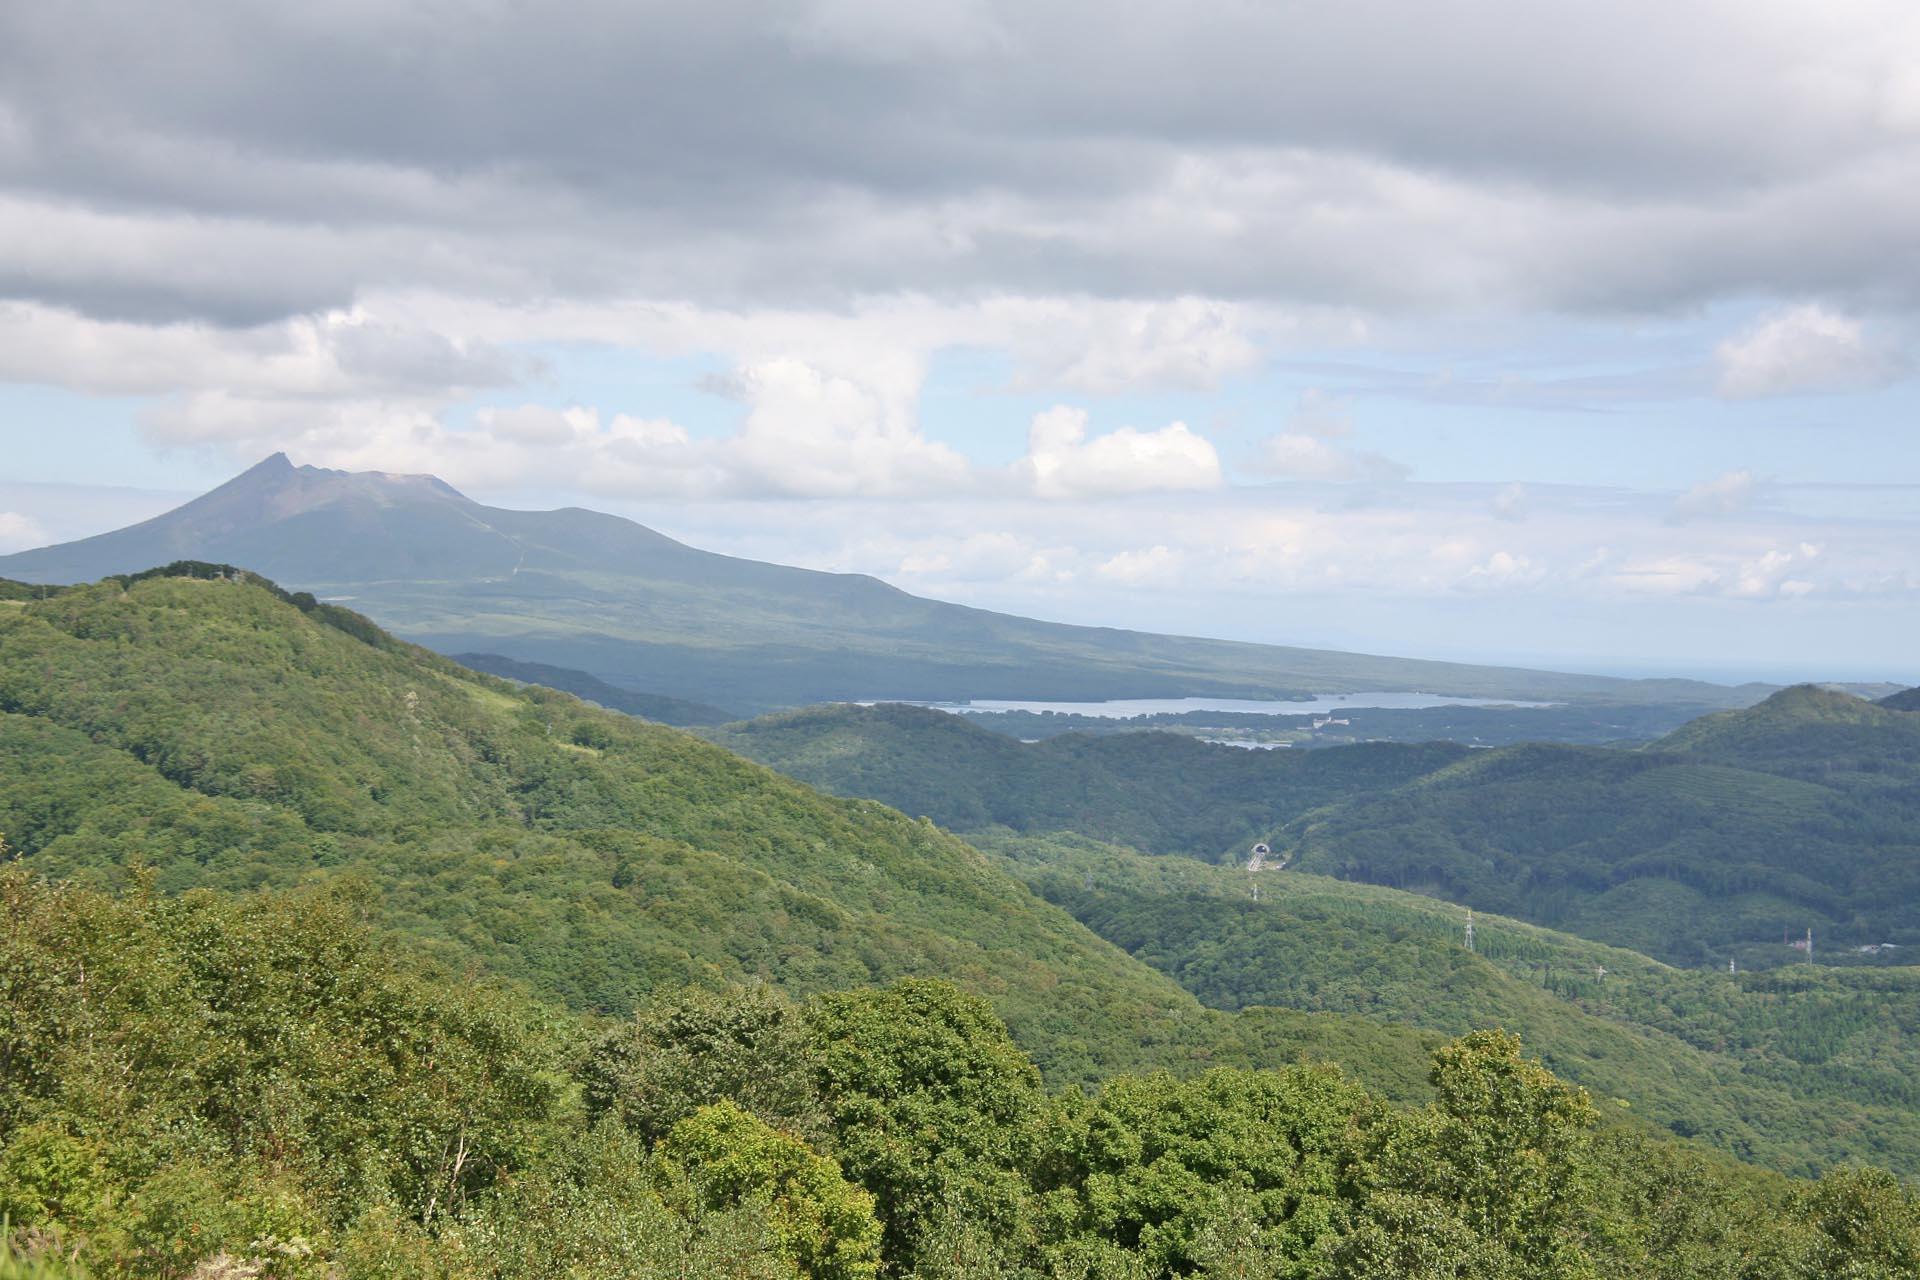 きじひき高原から見る駒ヶ岳と大沼 北海道の風景